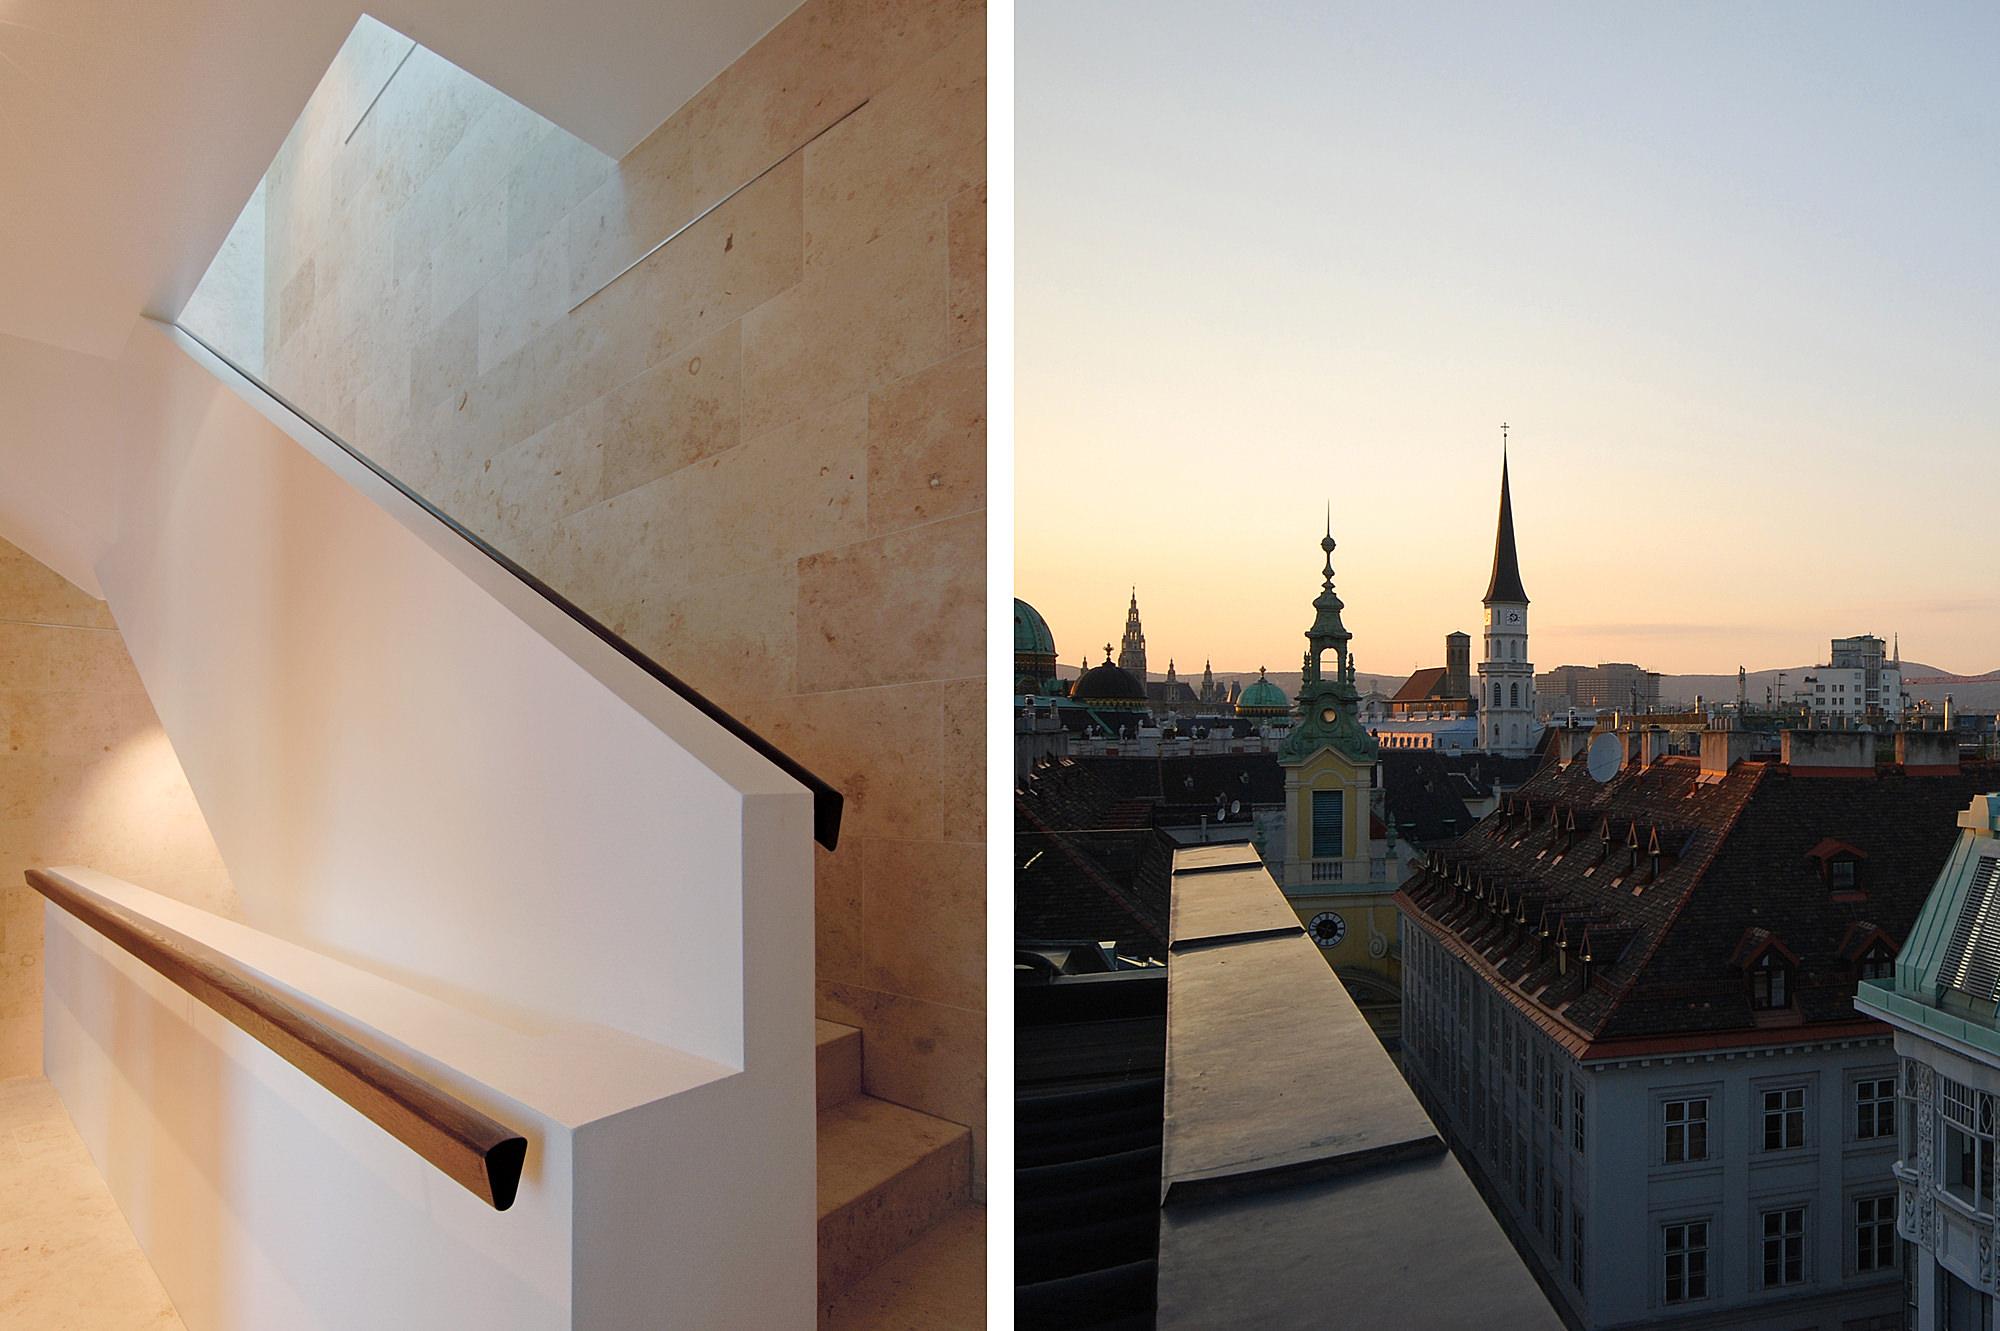 penthouse_wien_1_09_umbau_und_dachausbau_1010_wien_junger_beer_architektur